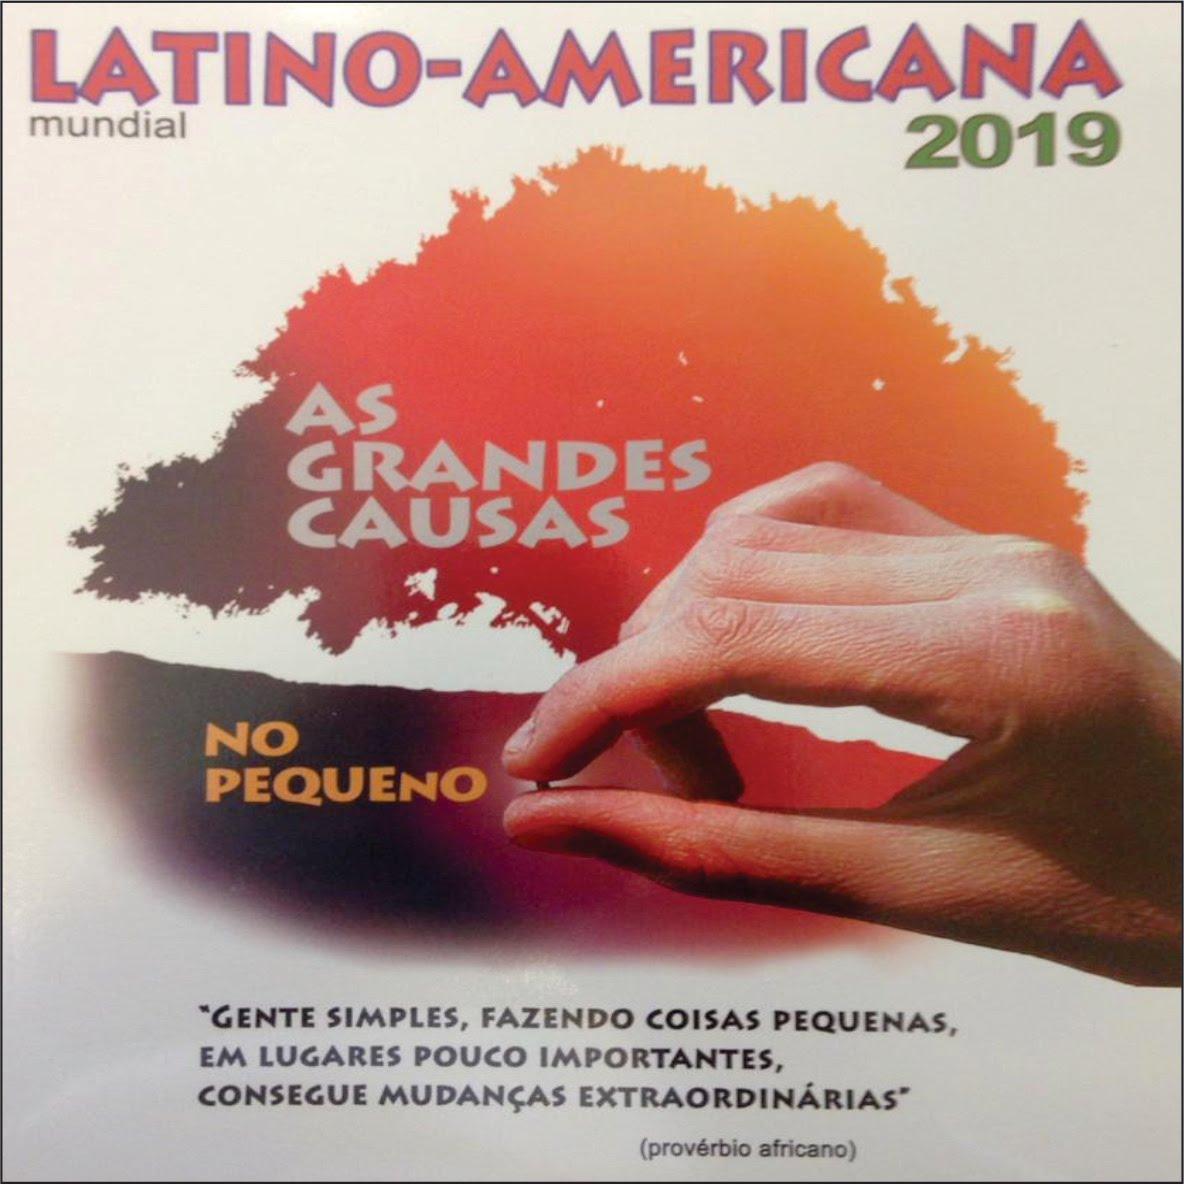 Resultado de imagem para Latino-americana mundial 2019, em português